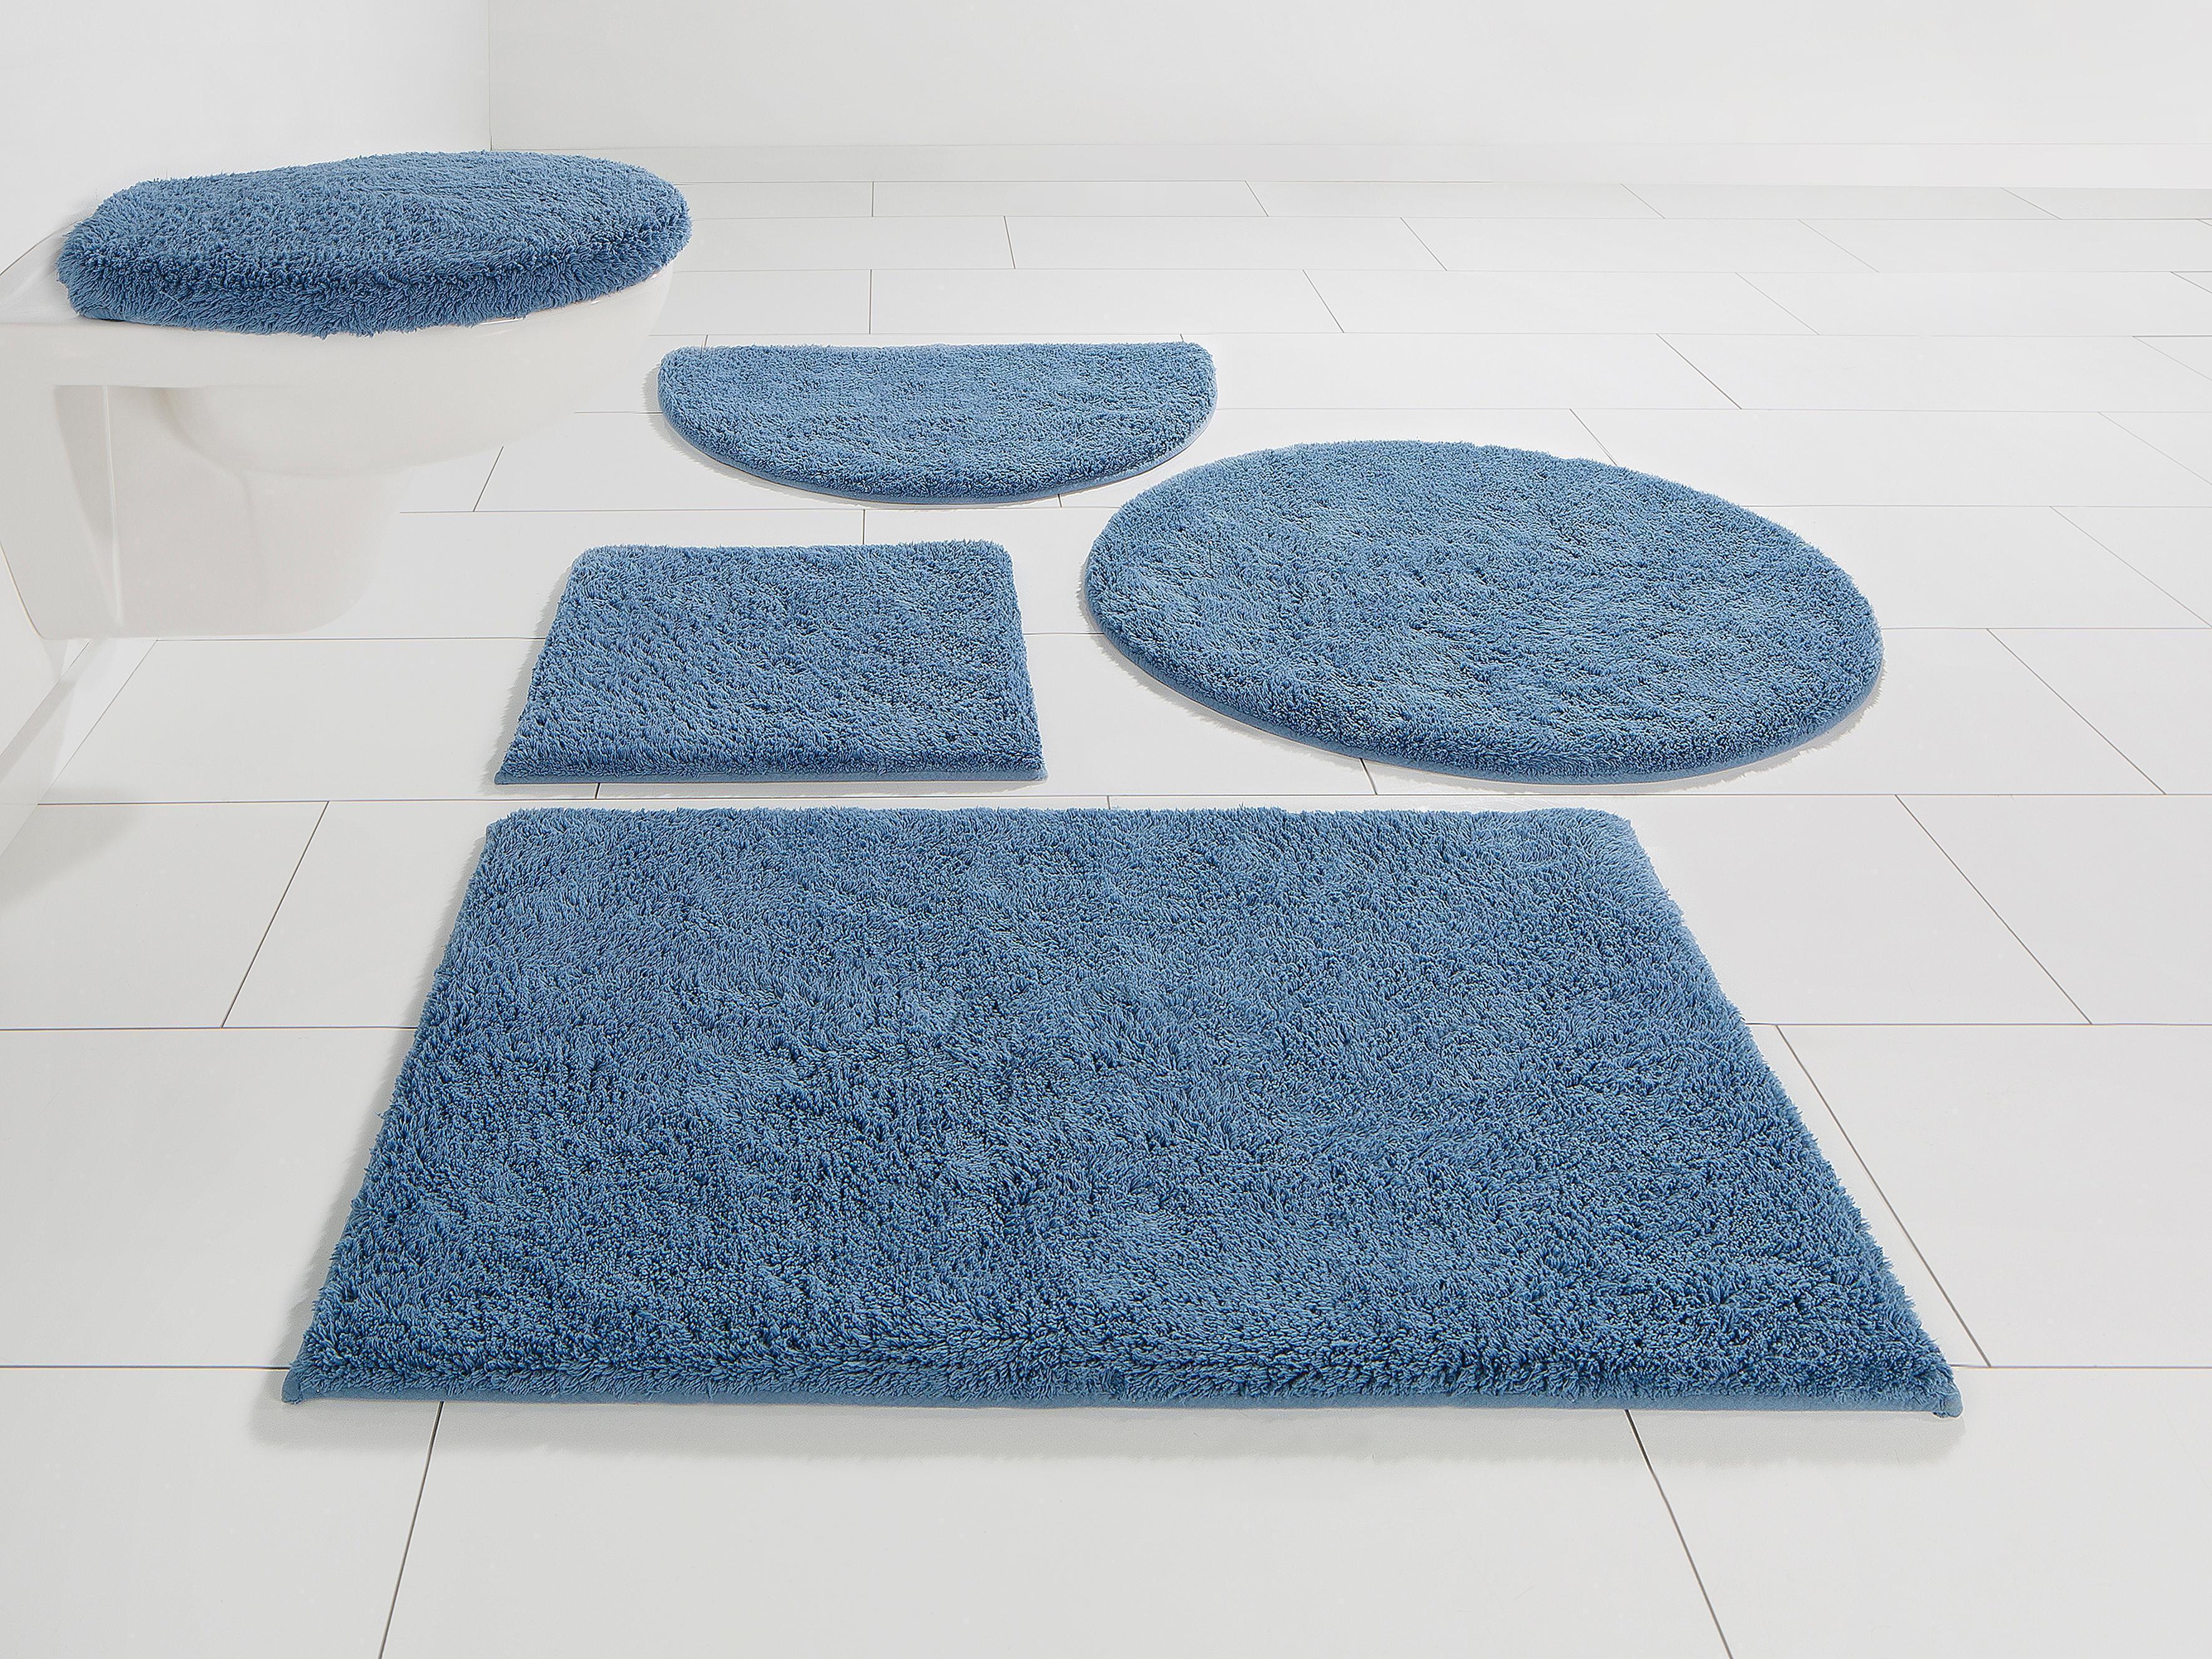 Image of Badematte »Maren«, Home affaire, Höhe 15 mm, rutschhemmend beschichtet, fussbodenheizungsgeeignet